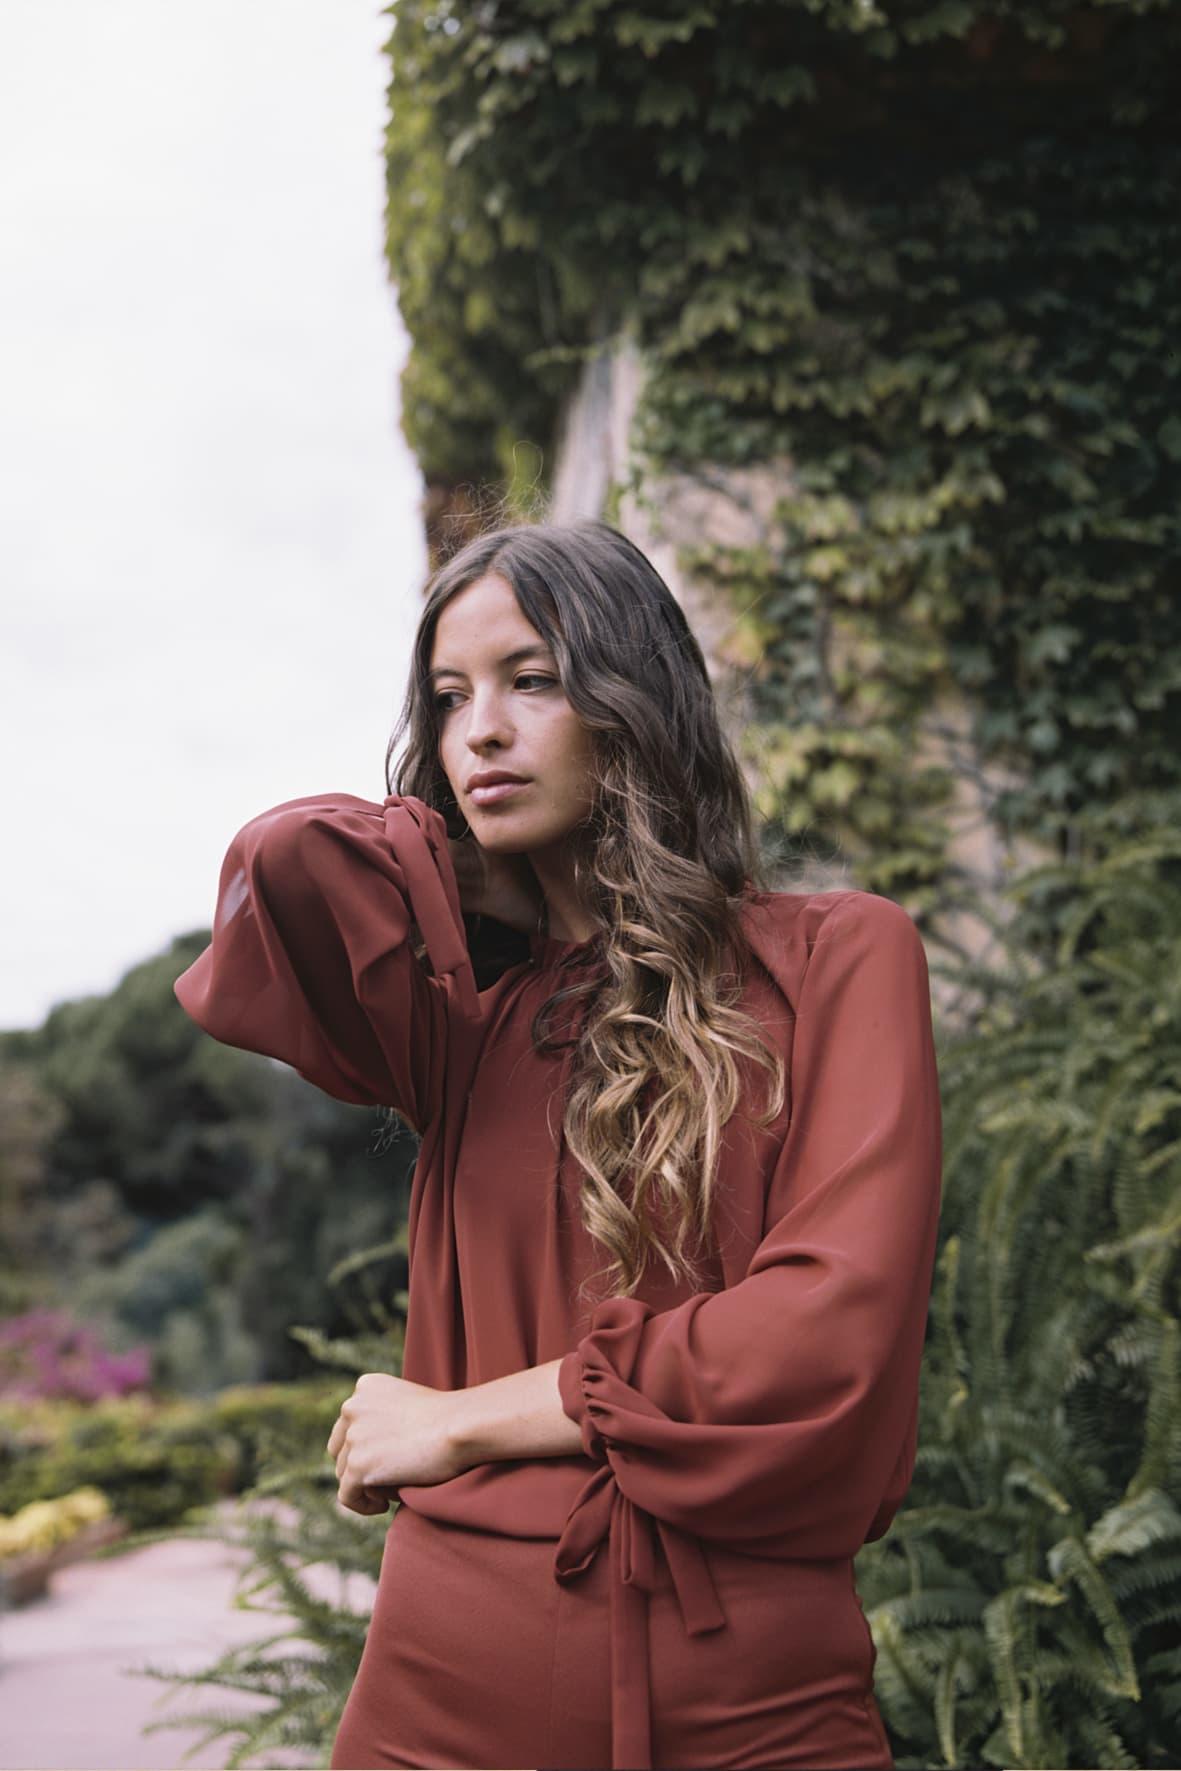 diseñadora-de-moda-Desirée Blouse